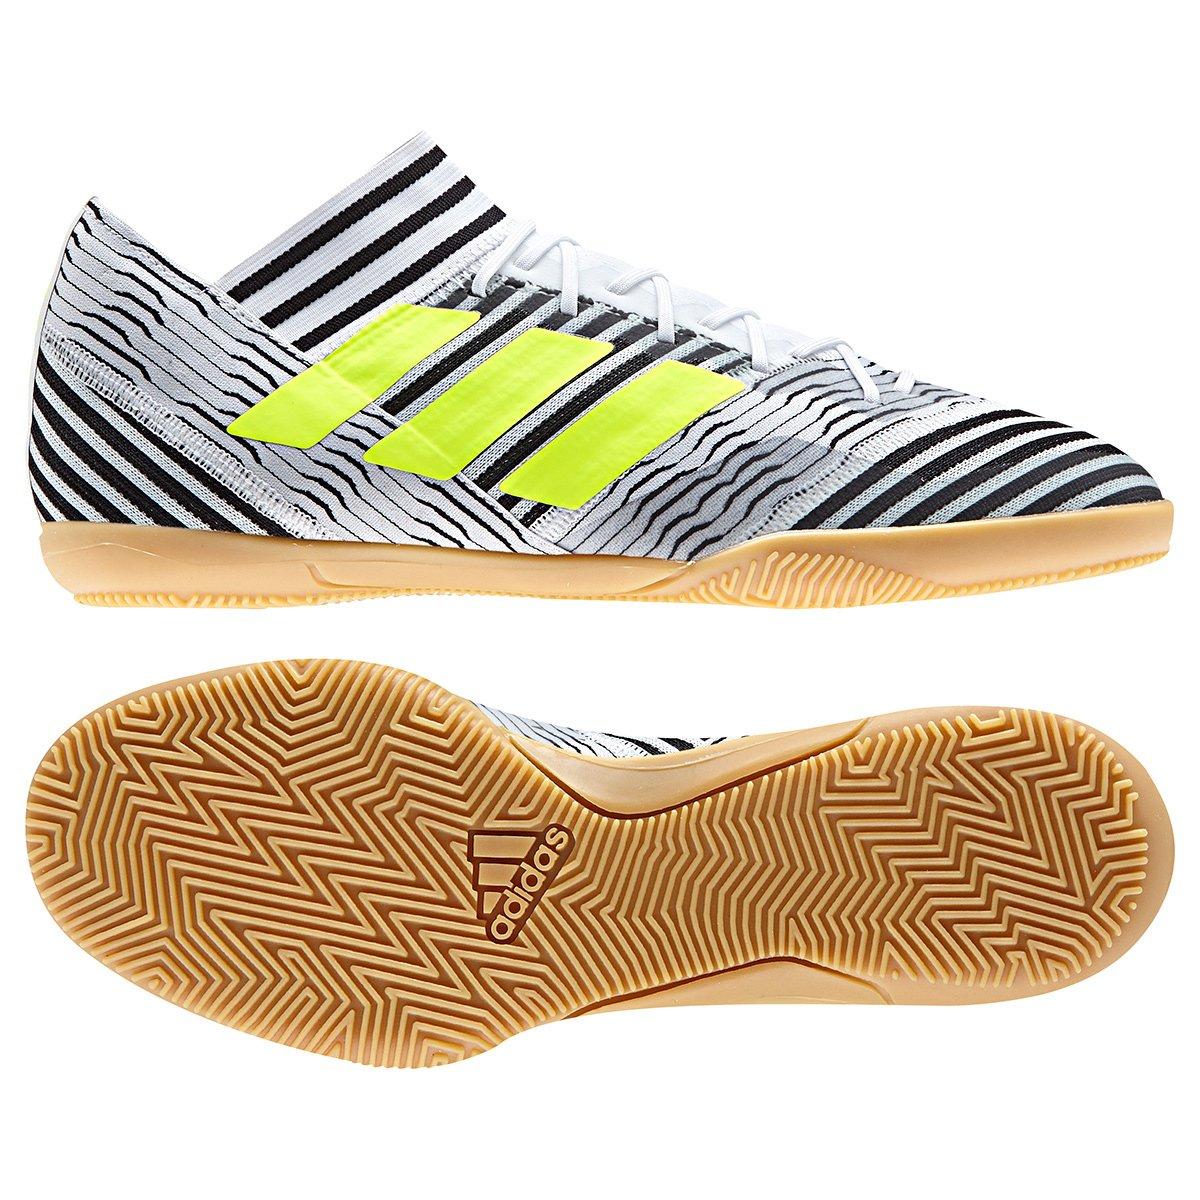 ff8659faf8fa Chuteira Futsal Adidas Nemeziz 17.3 IN - Compre Agora